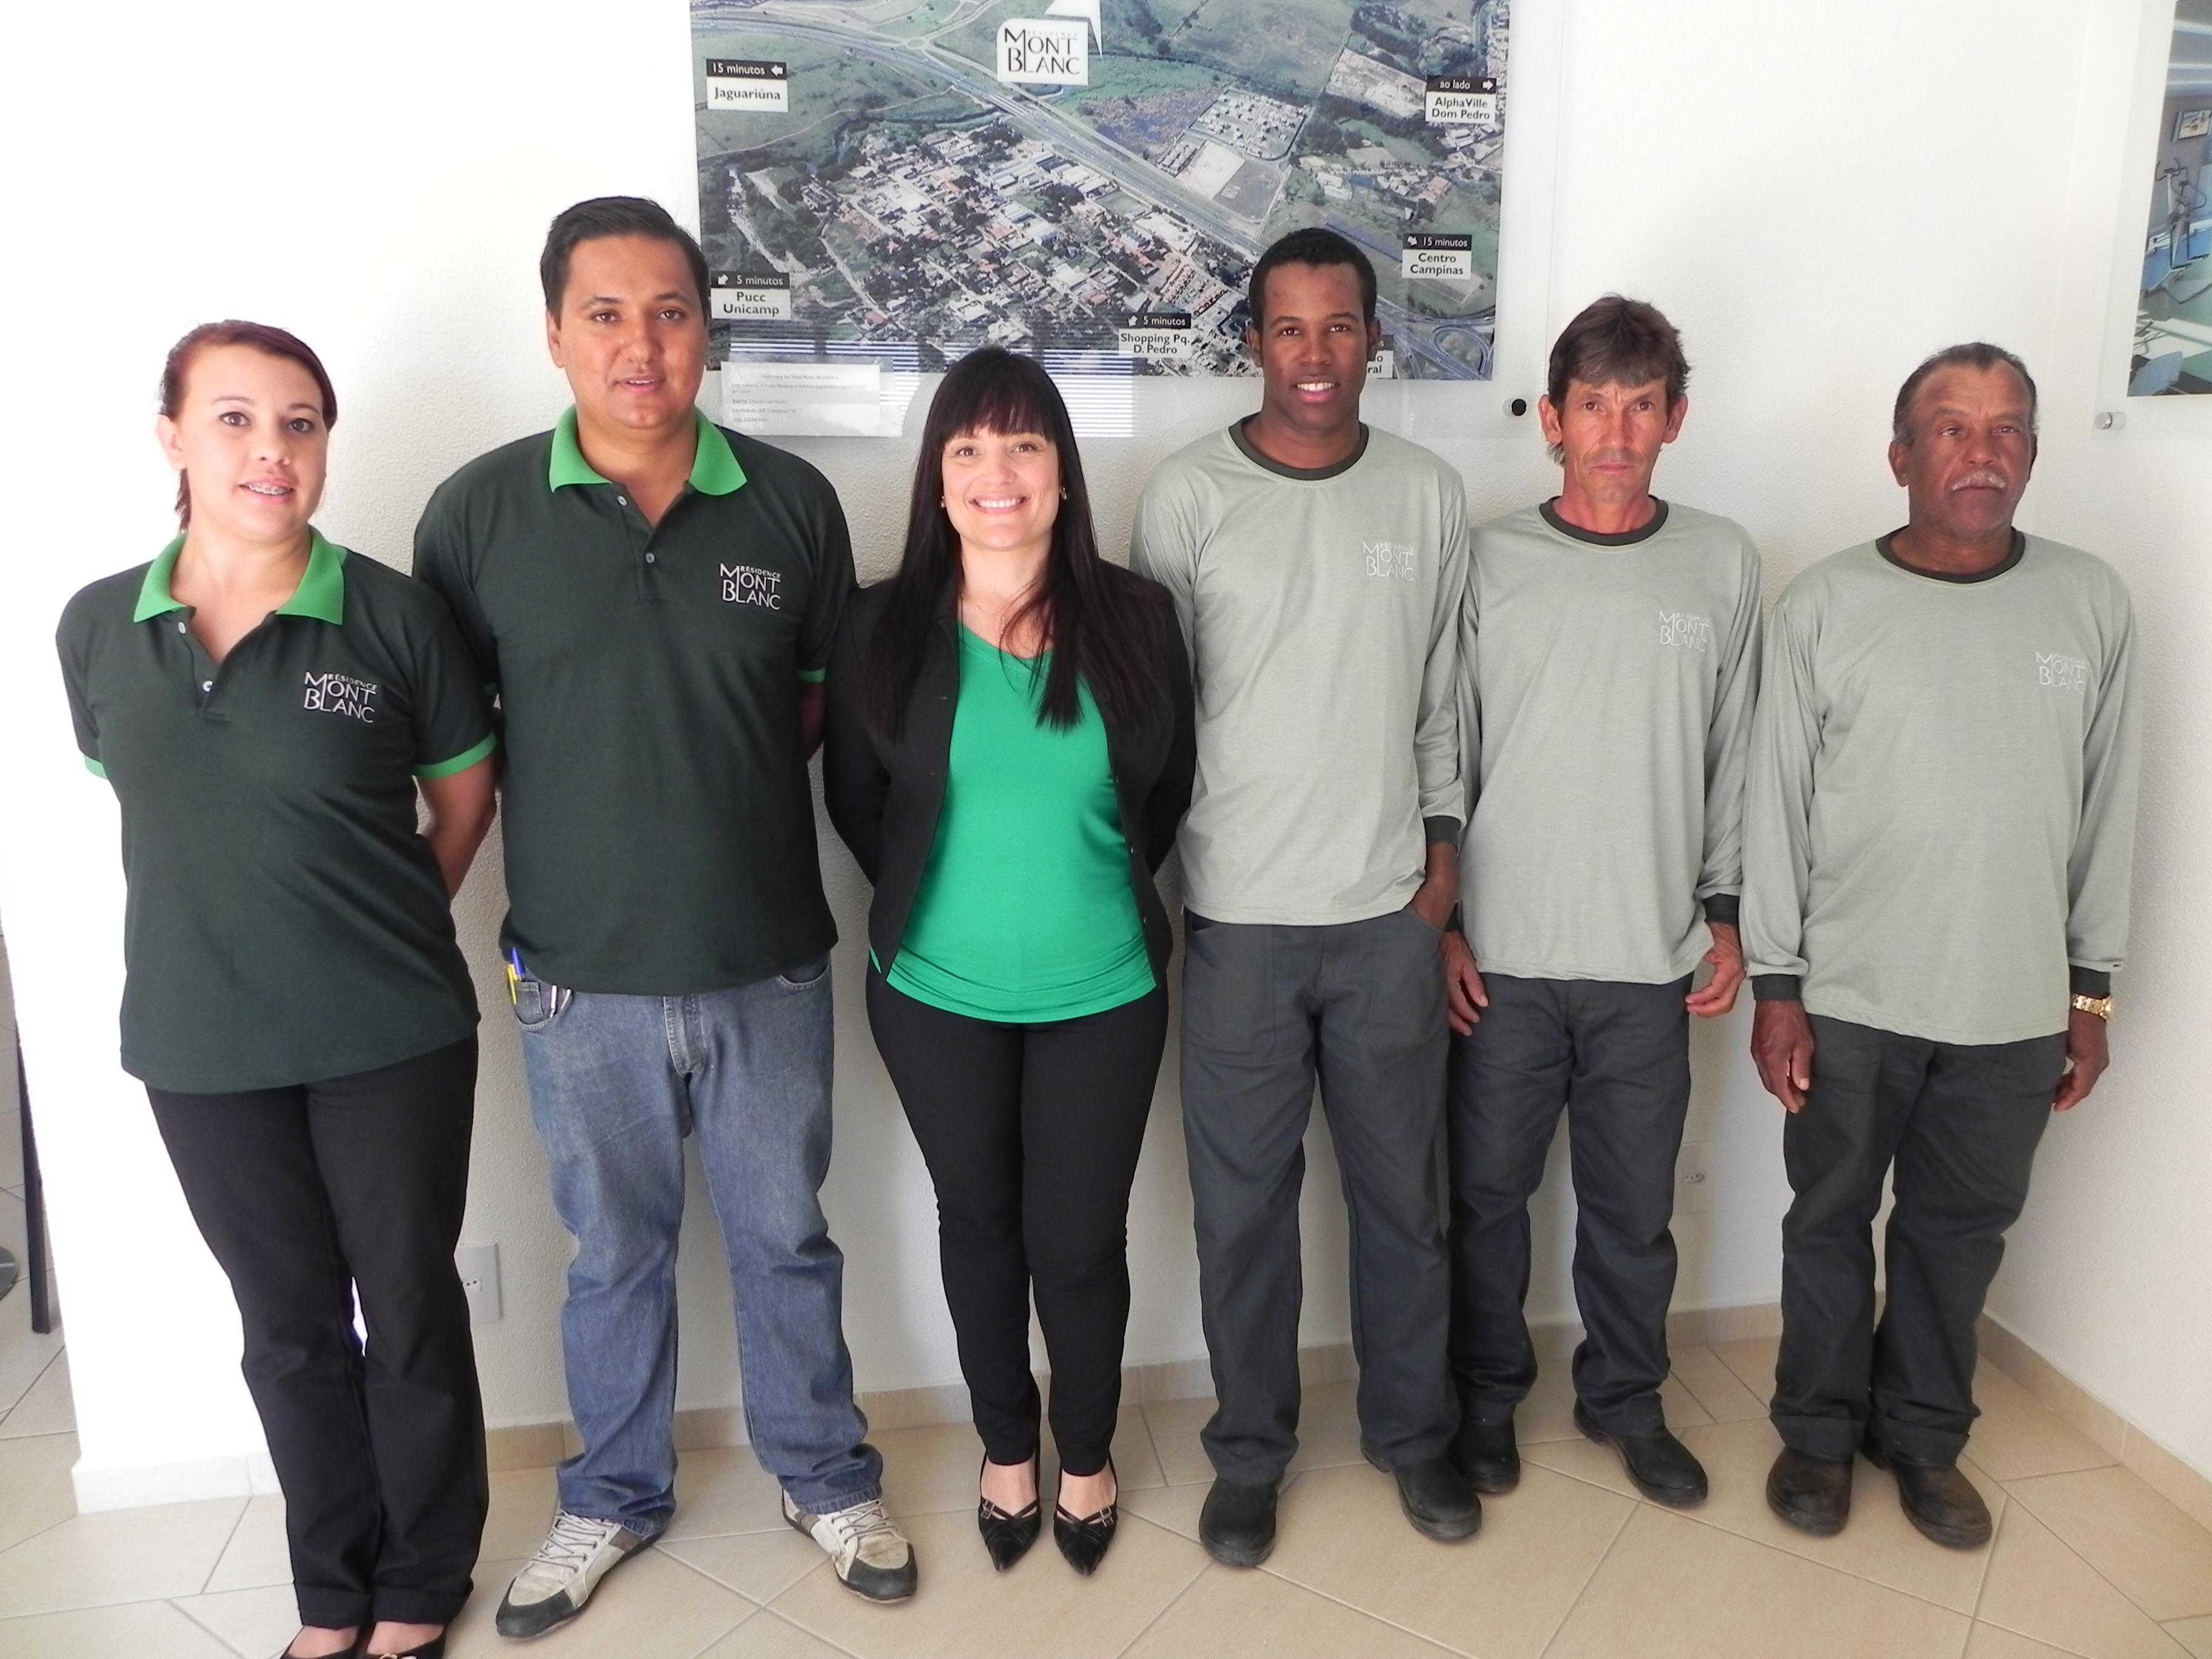 Patrícia (atendente), Ademir (zelador), Sandra (gerente), Alessandro (lider de jardinagem), José Venâncio (tratorista) e Osmil (auxiliar de jardinagem)